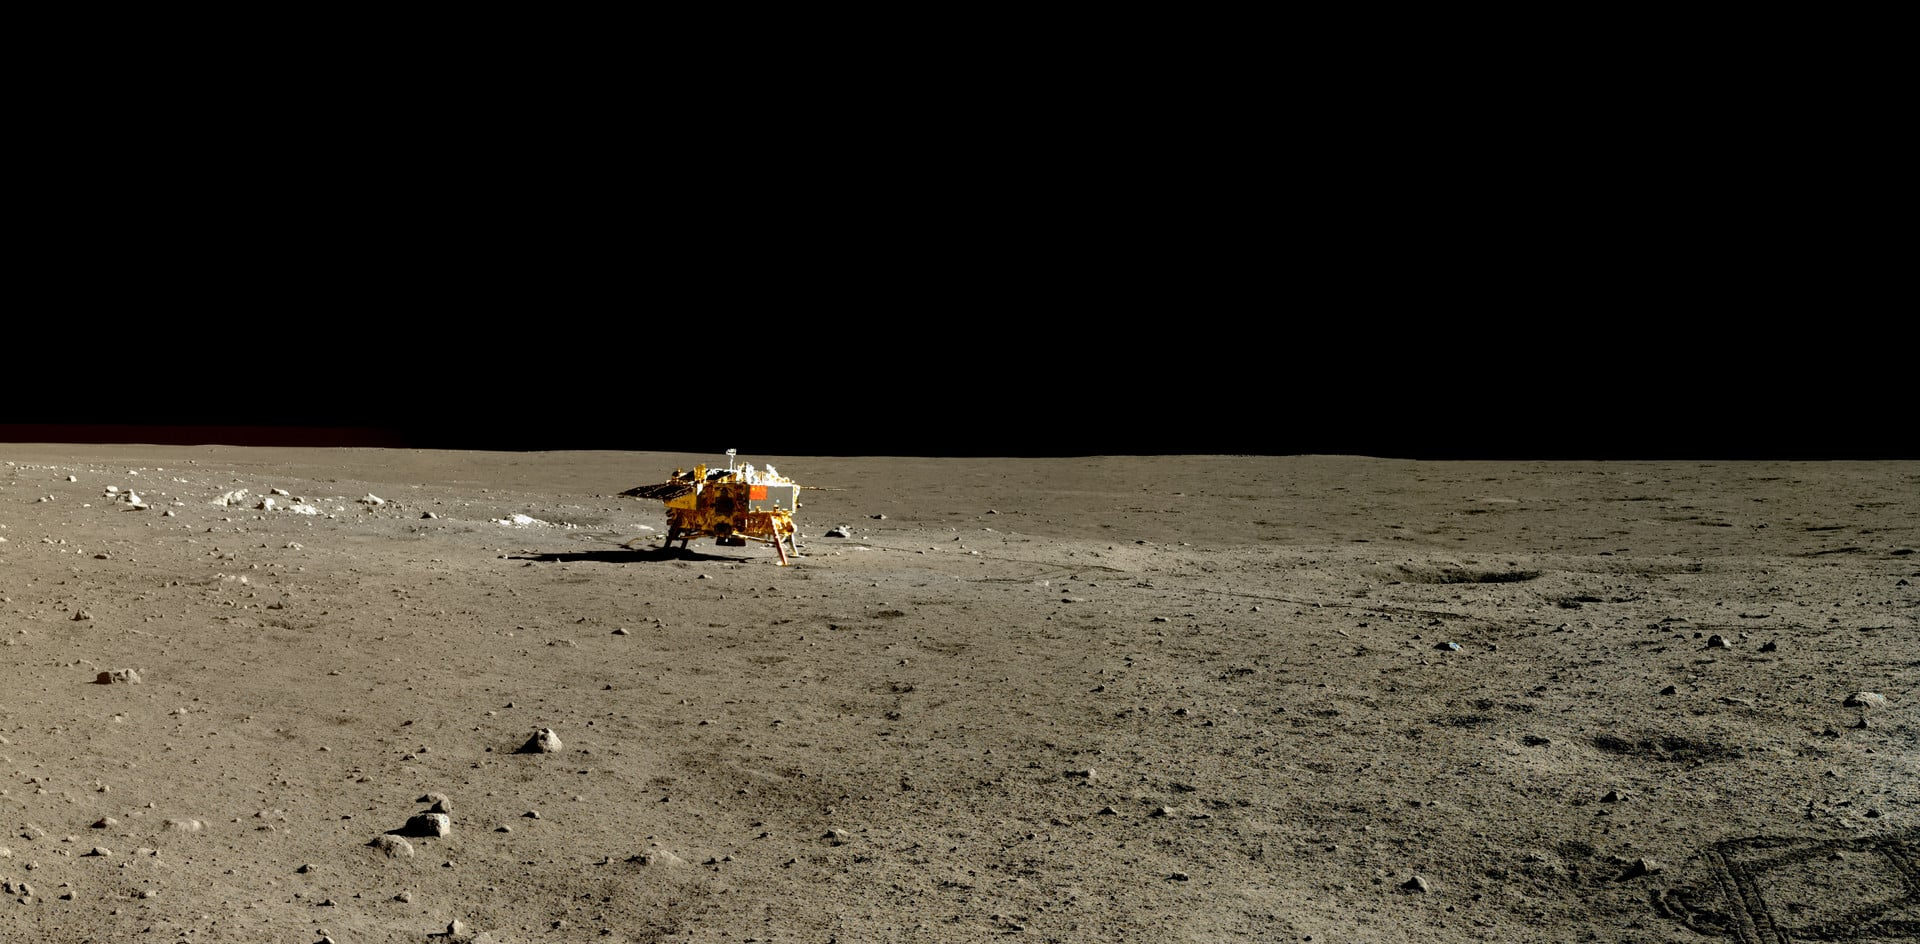 56ad40e3c4618819568b461b - China difunde las primeras imágenes HD de su misión en la Luna